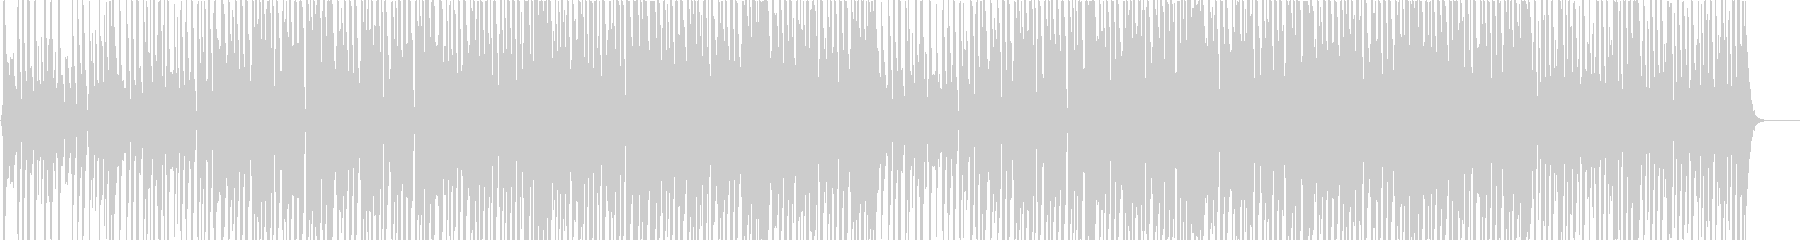 ファンキーなギターのショーリー向け楽曲の未再生の波形